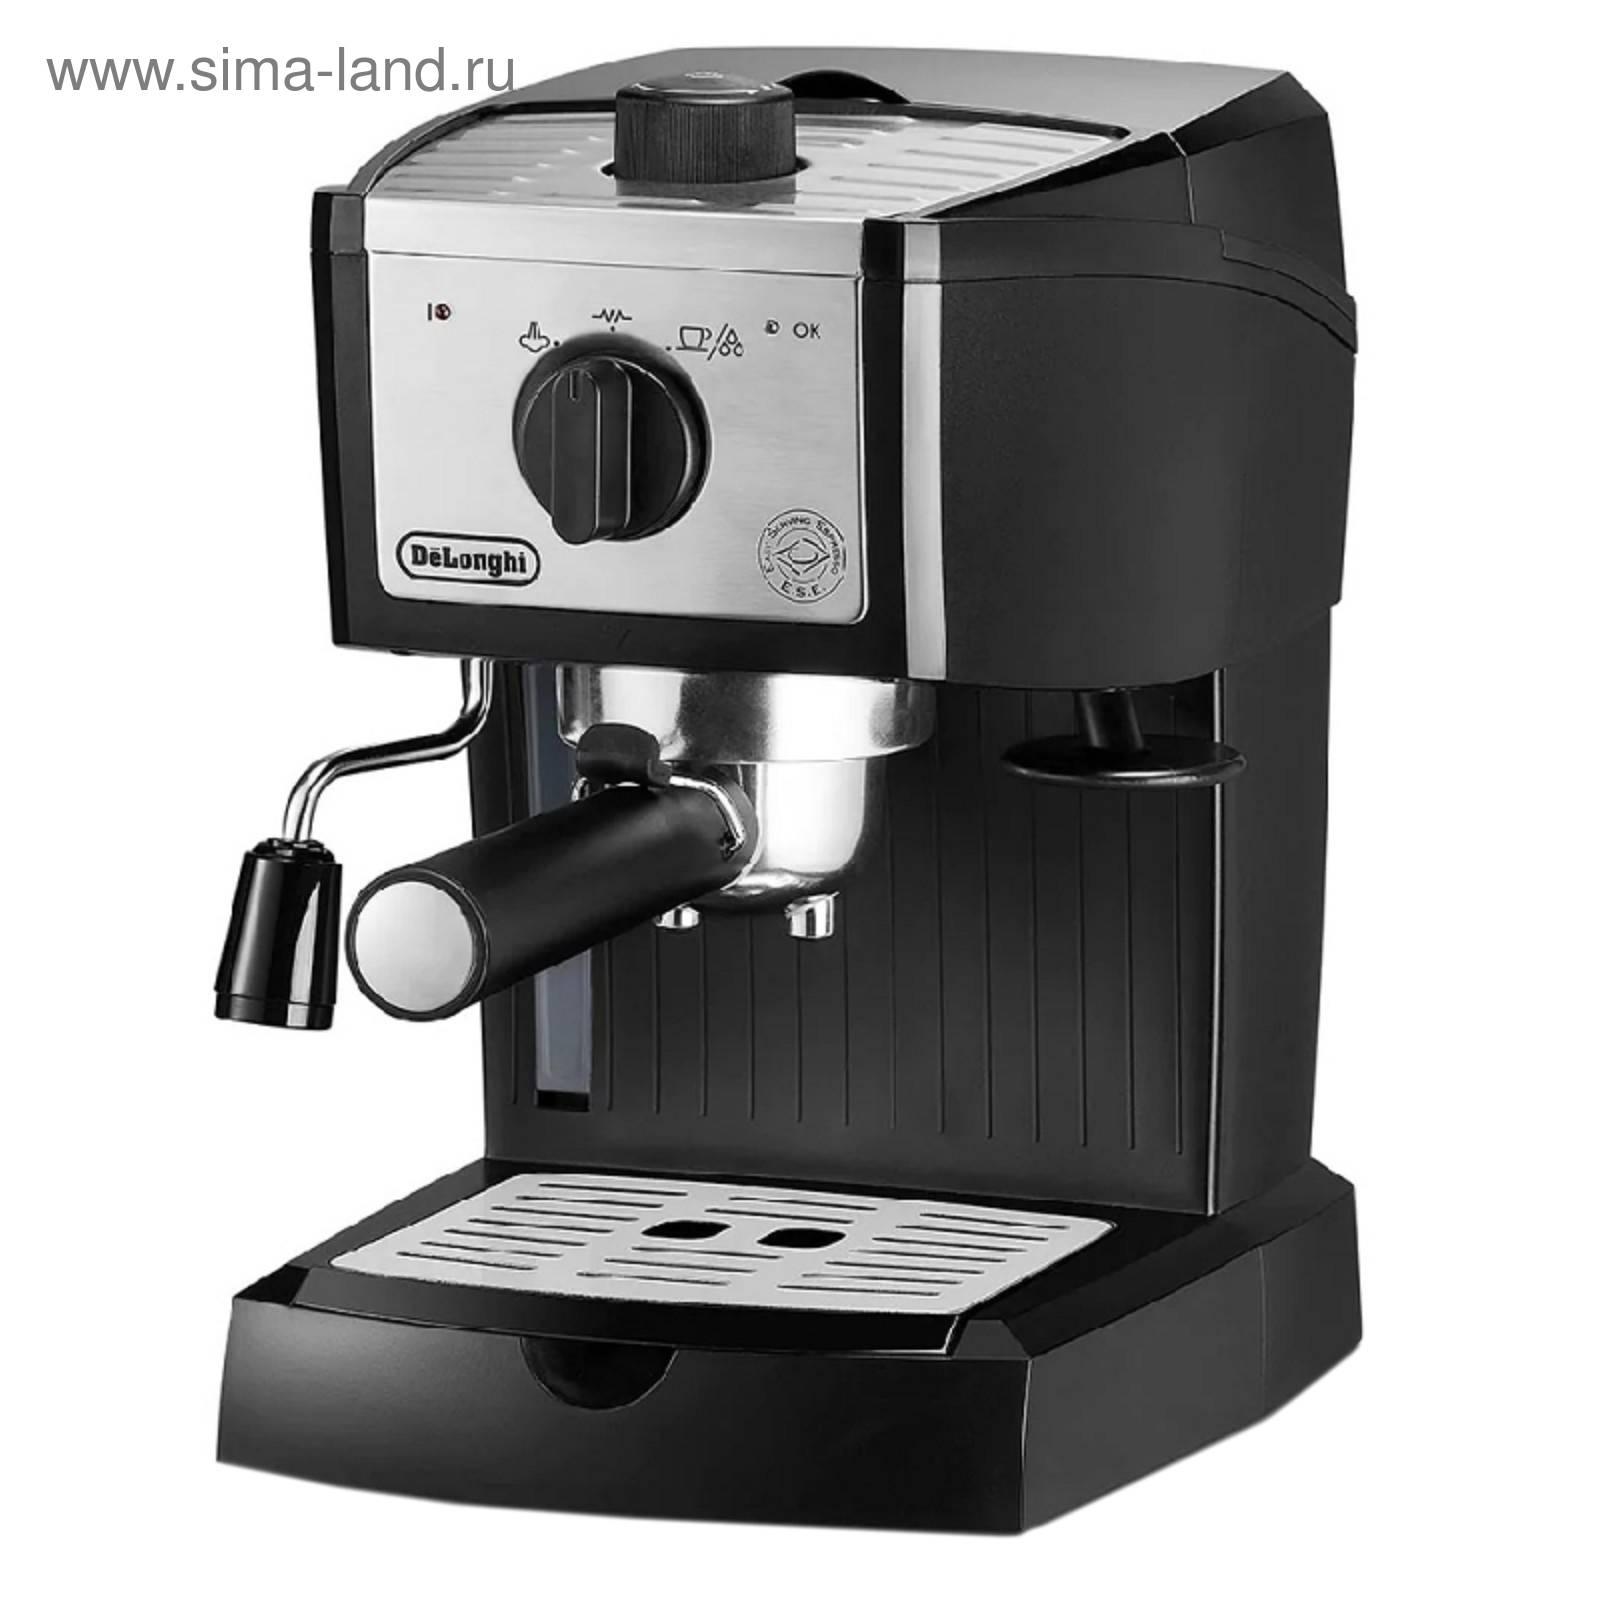 Кофемашина зерновая с капучинатором: автоматический, как выбрать автомат, полуавтоматическая машина для капучино дома